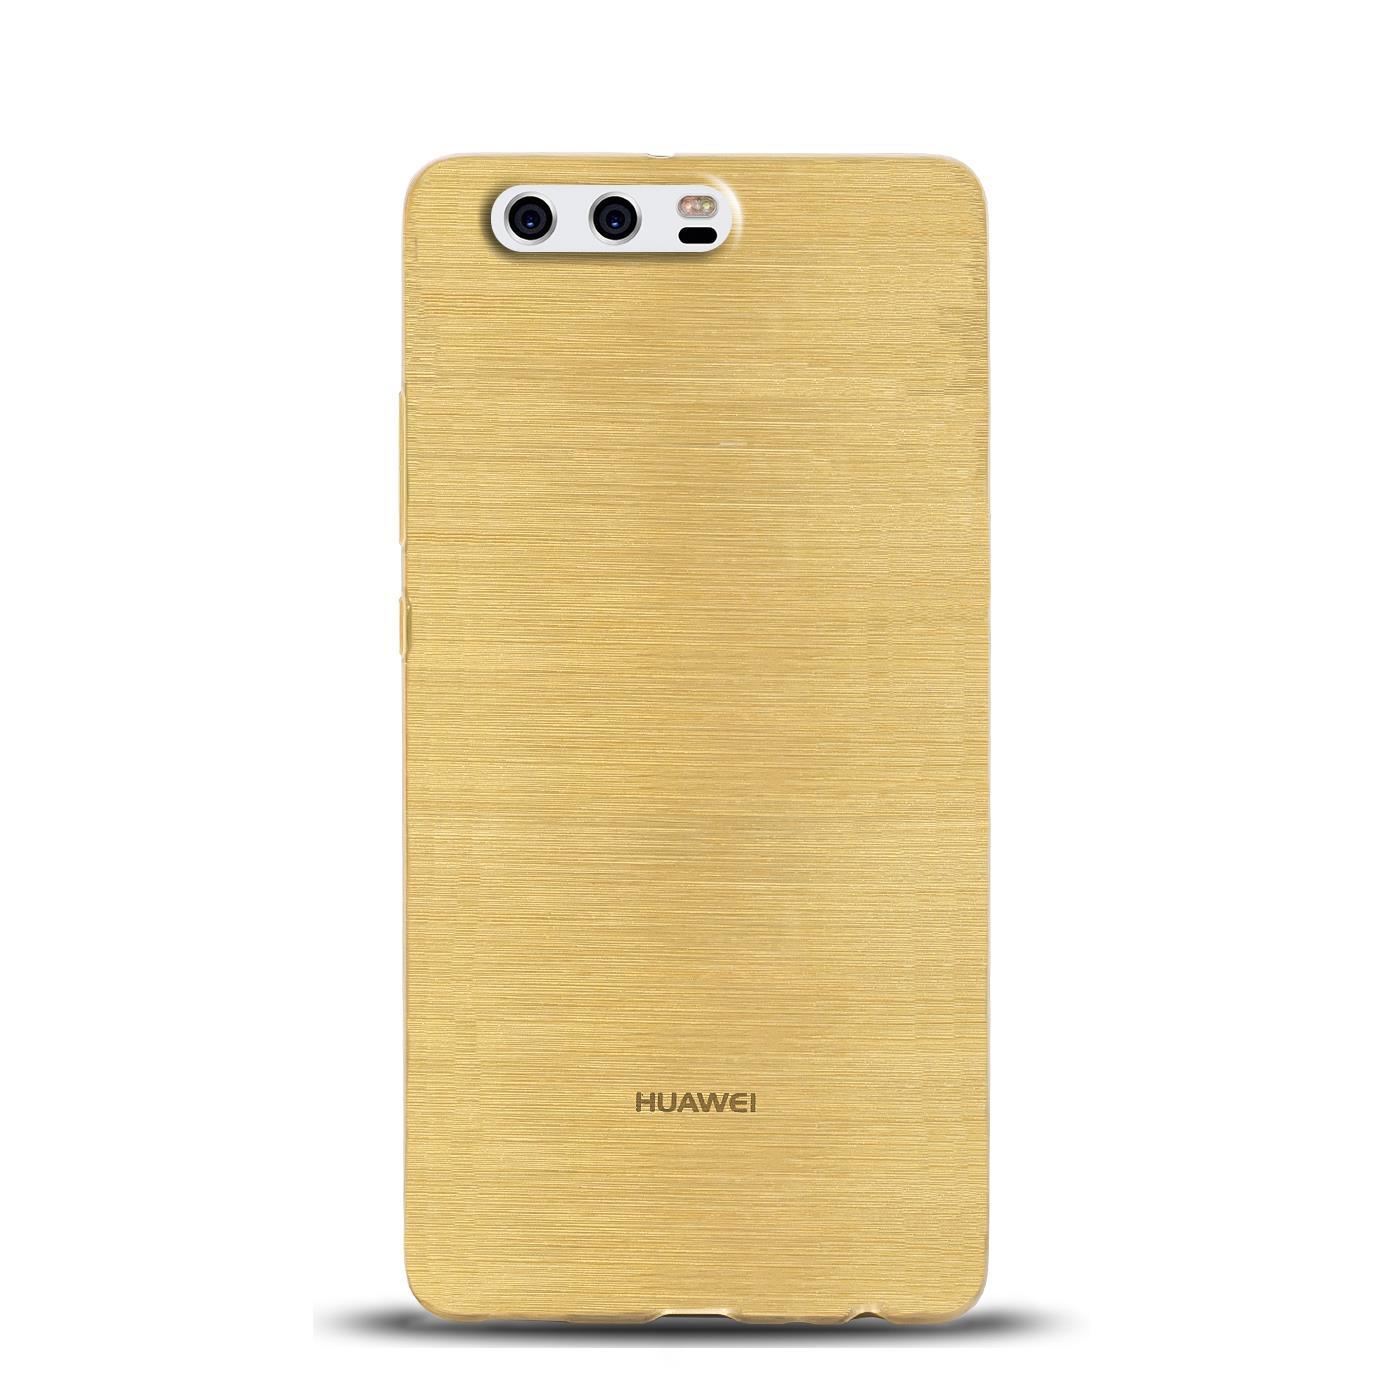 Silikon Rückschale Huawei Handy Schutz Hülle Tasche Cover Case Glitzer Bumper